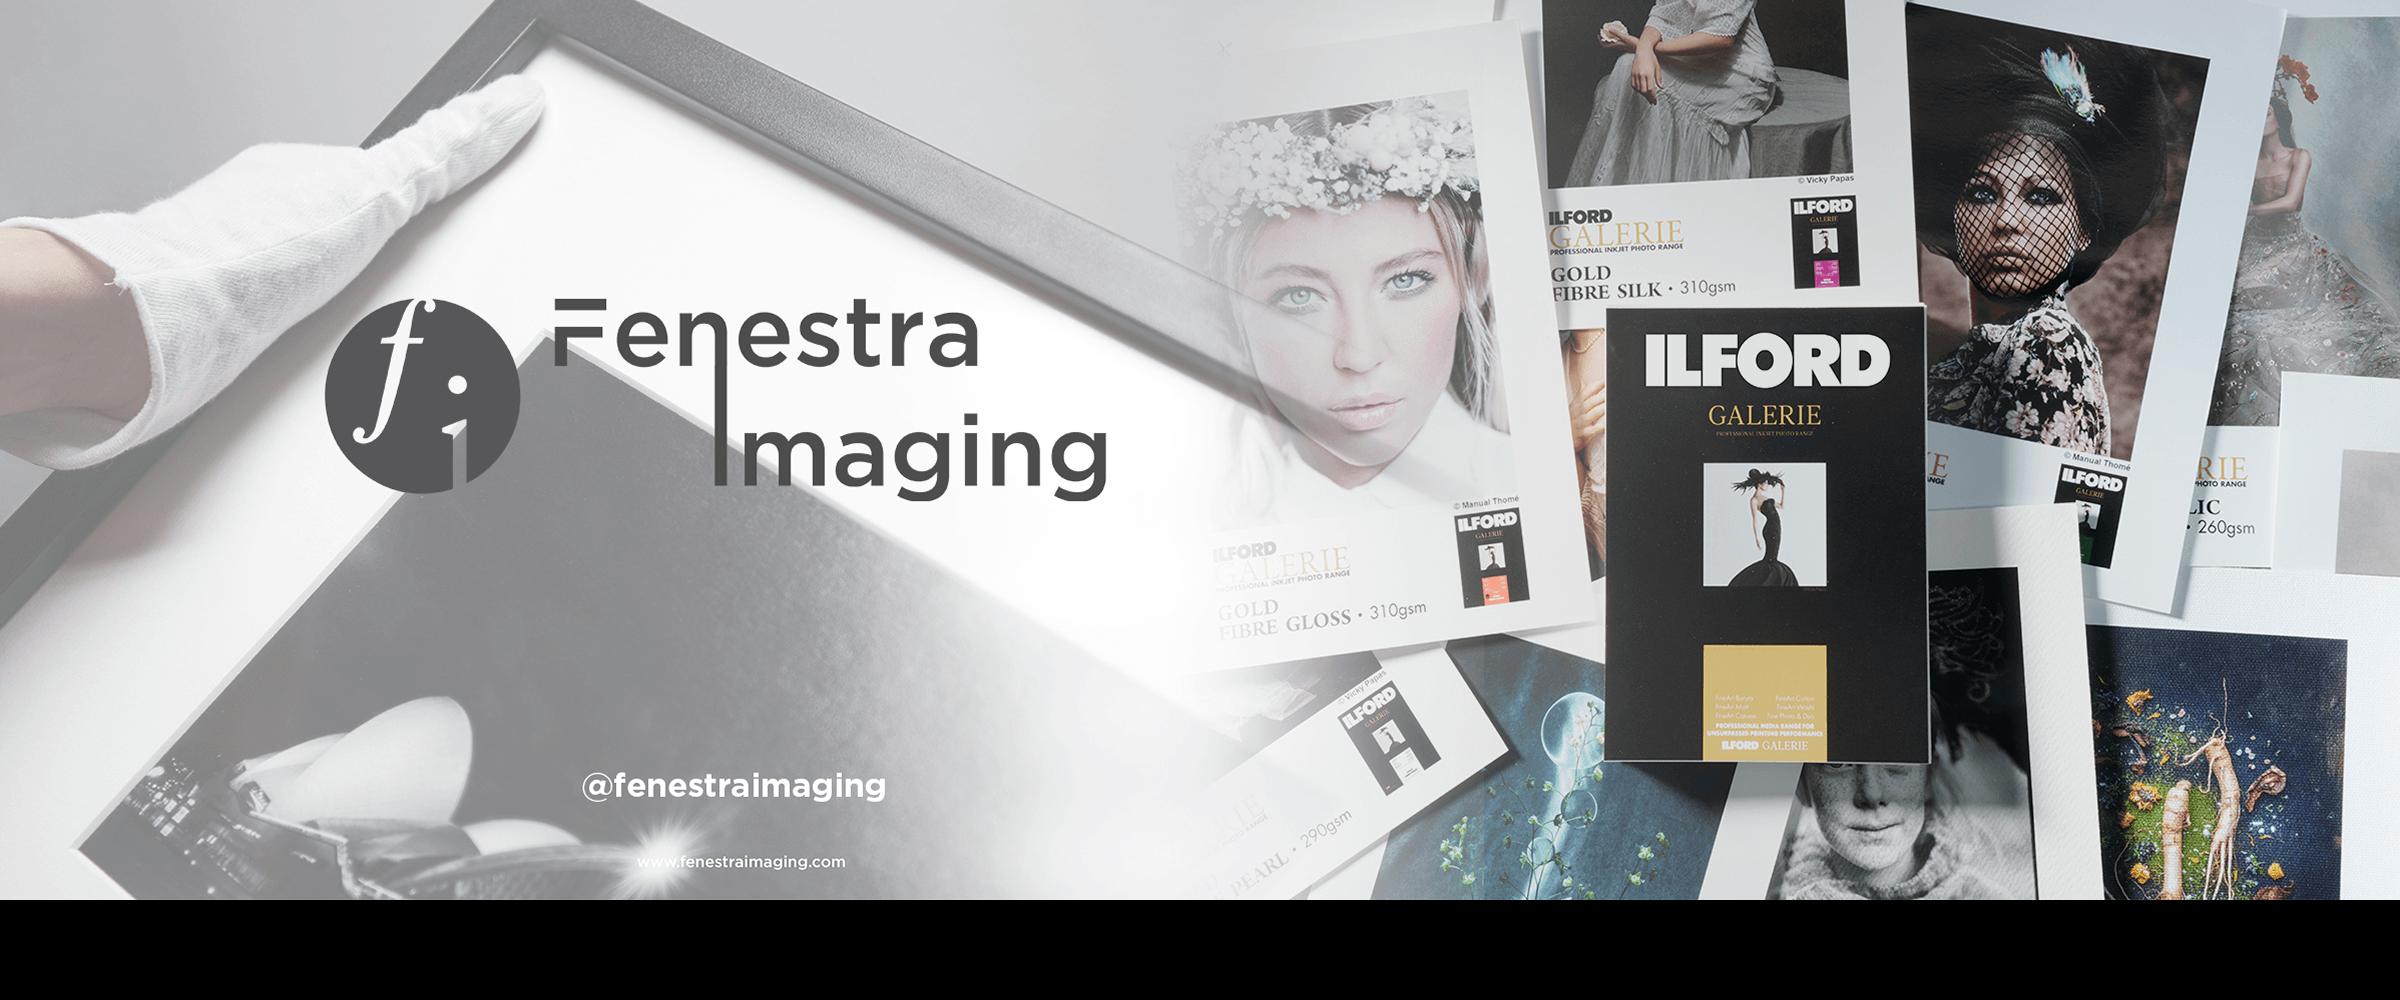 Fenestra Imaging